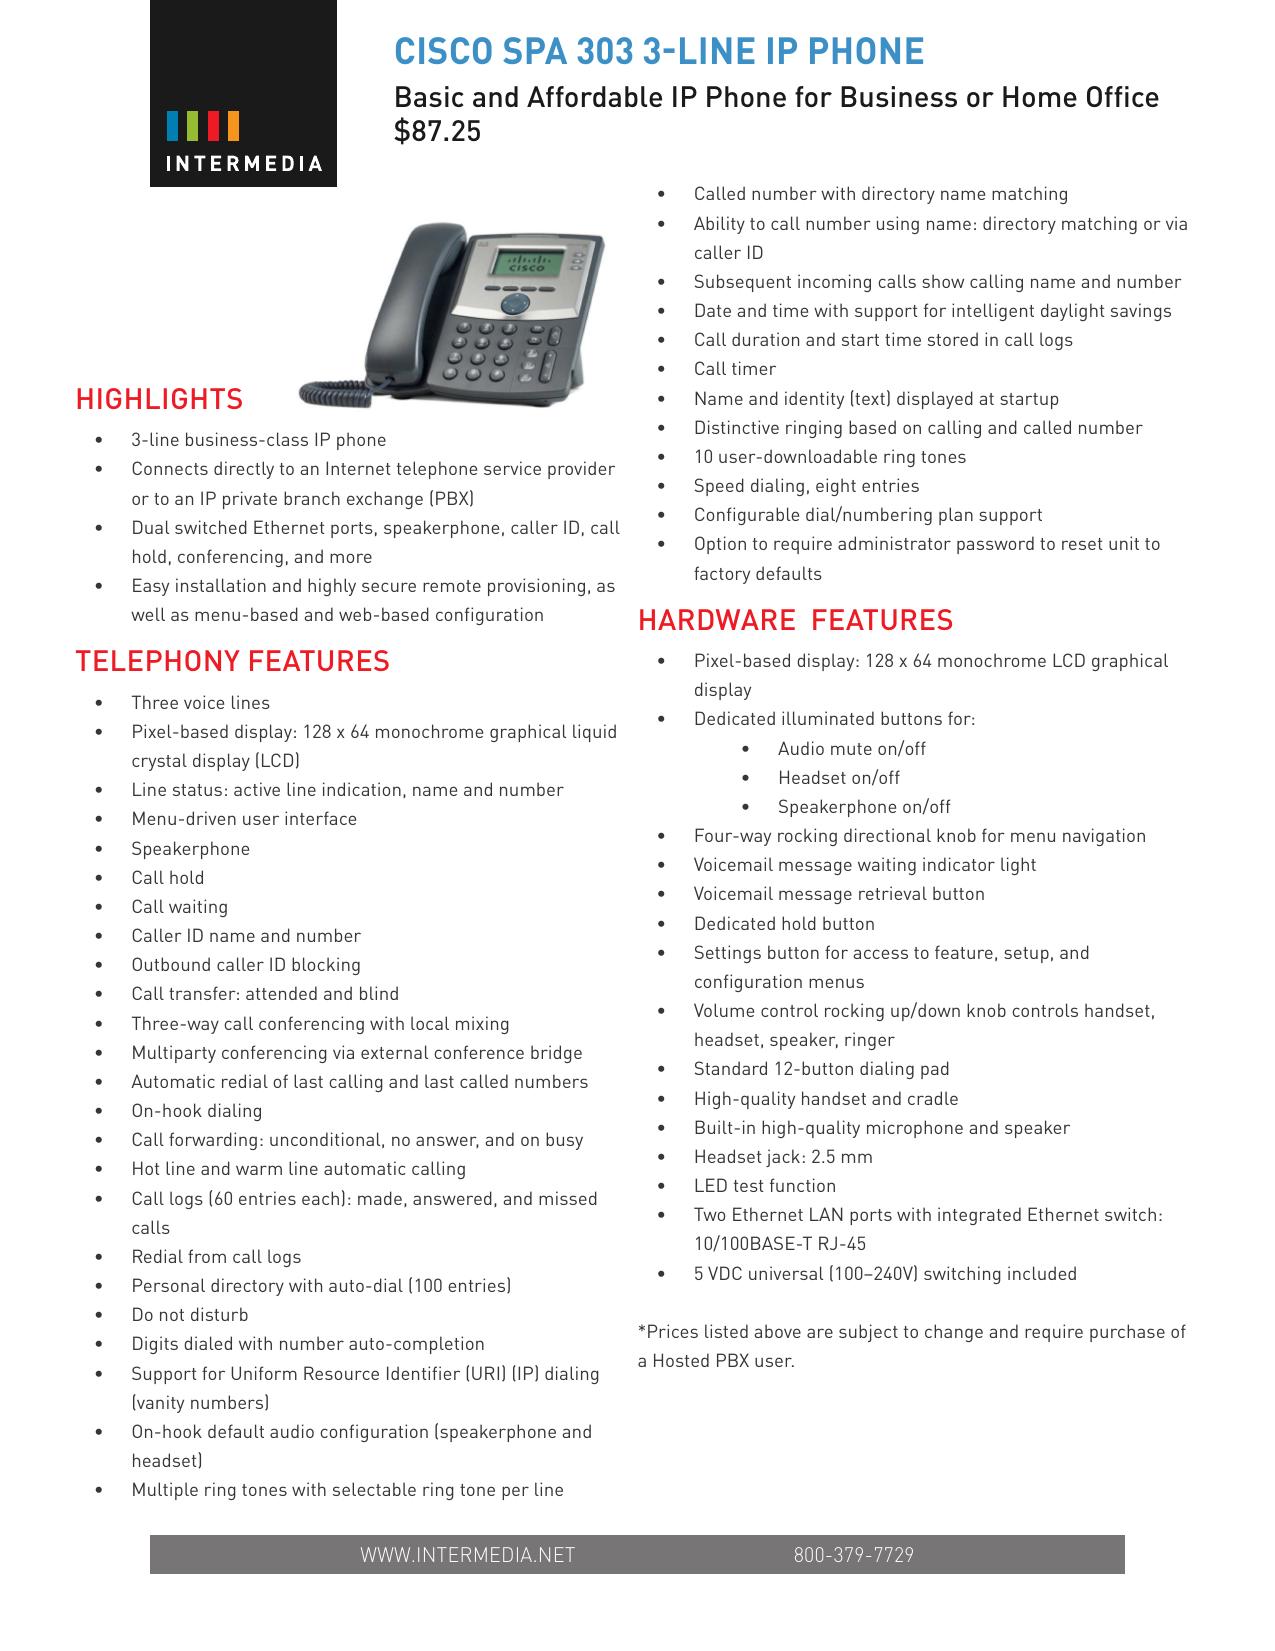 cisco spa 303 3-line ip phone | manualzz com